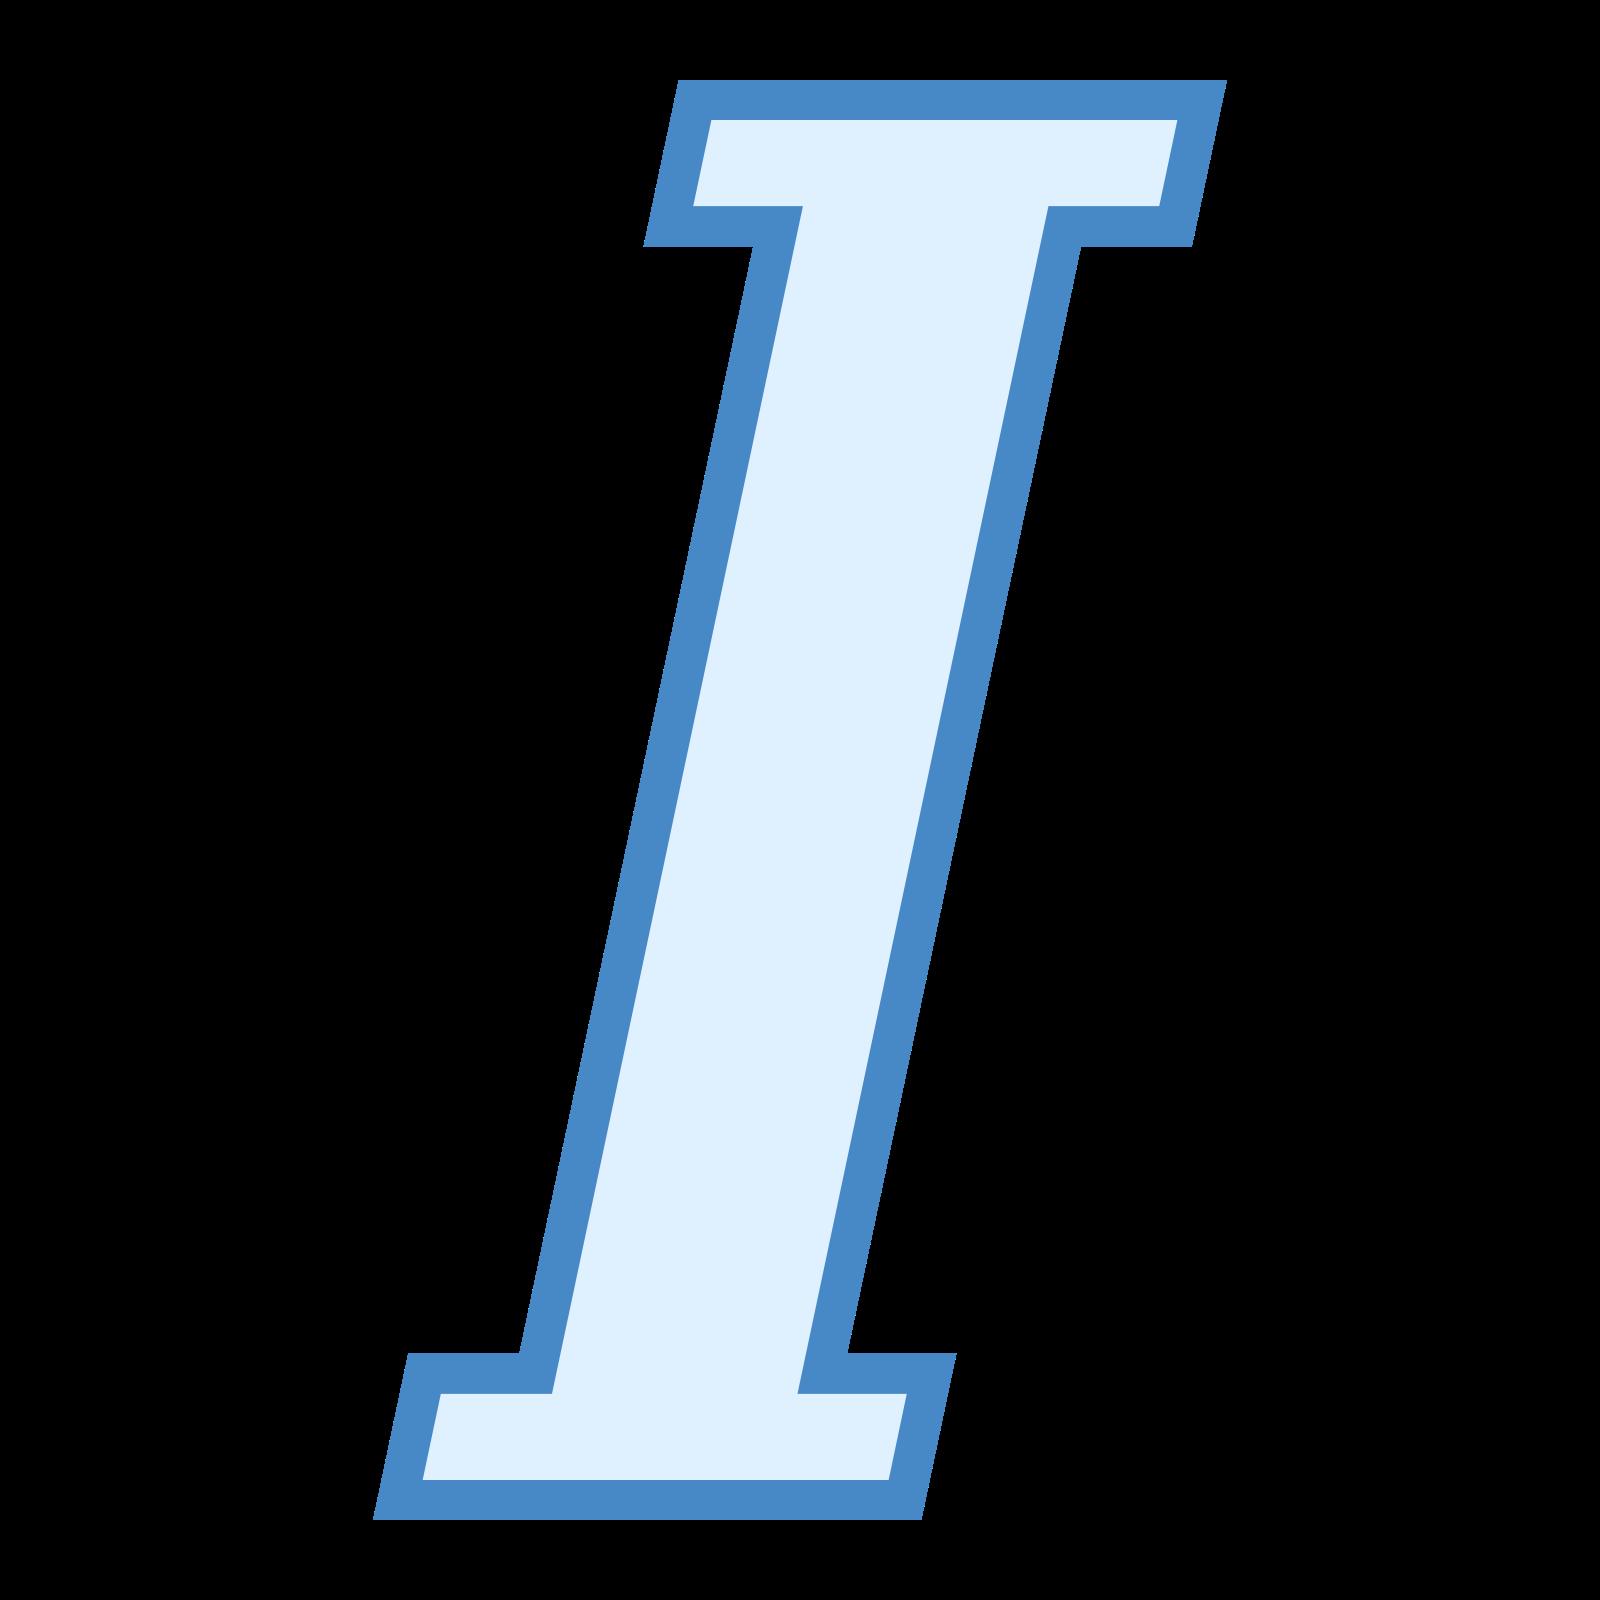 Kursywa icon